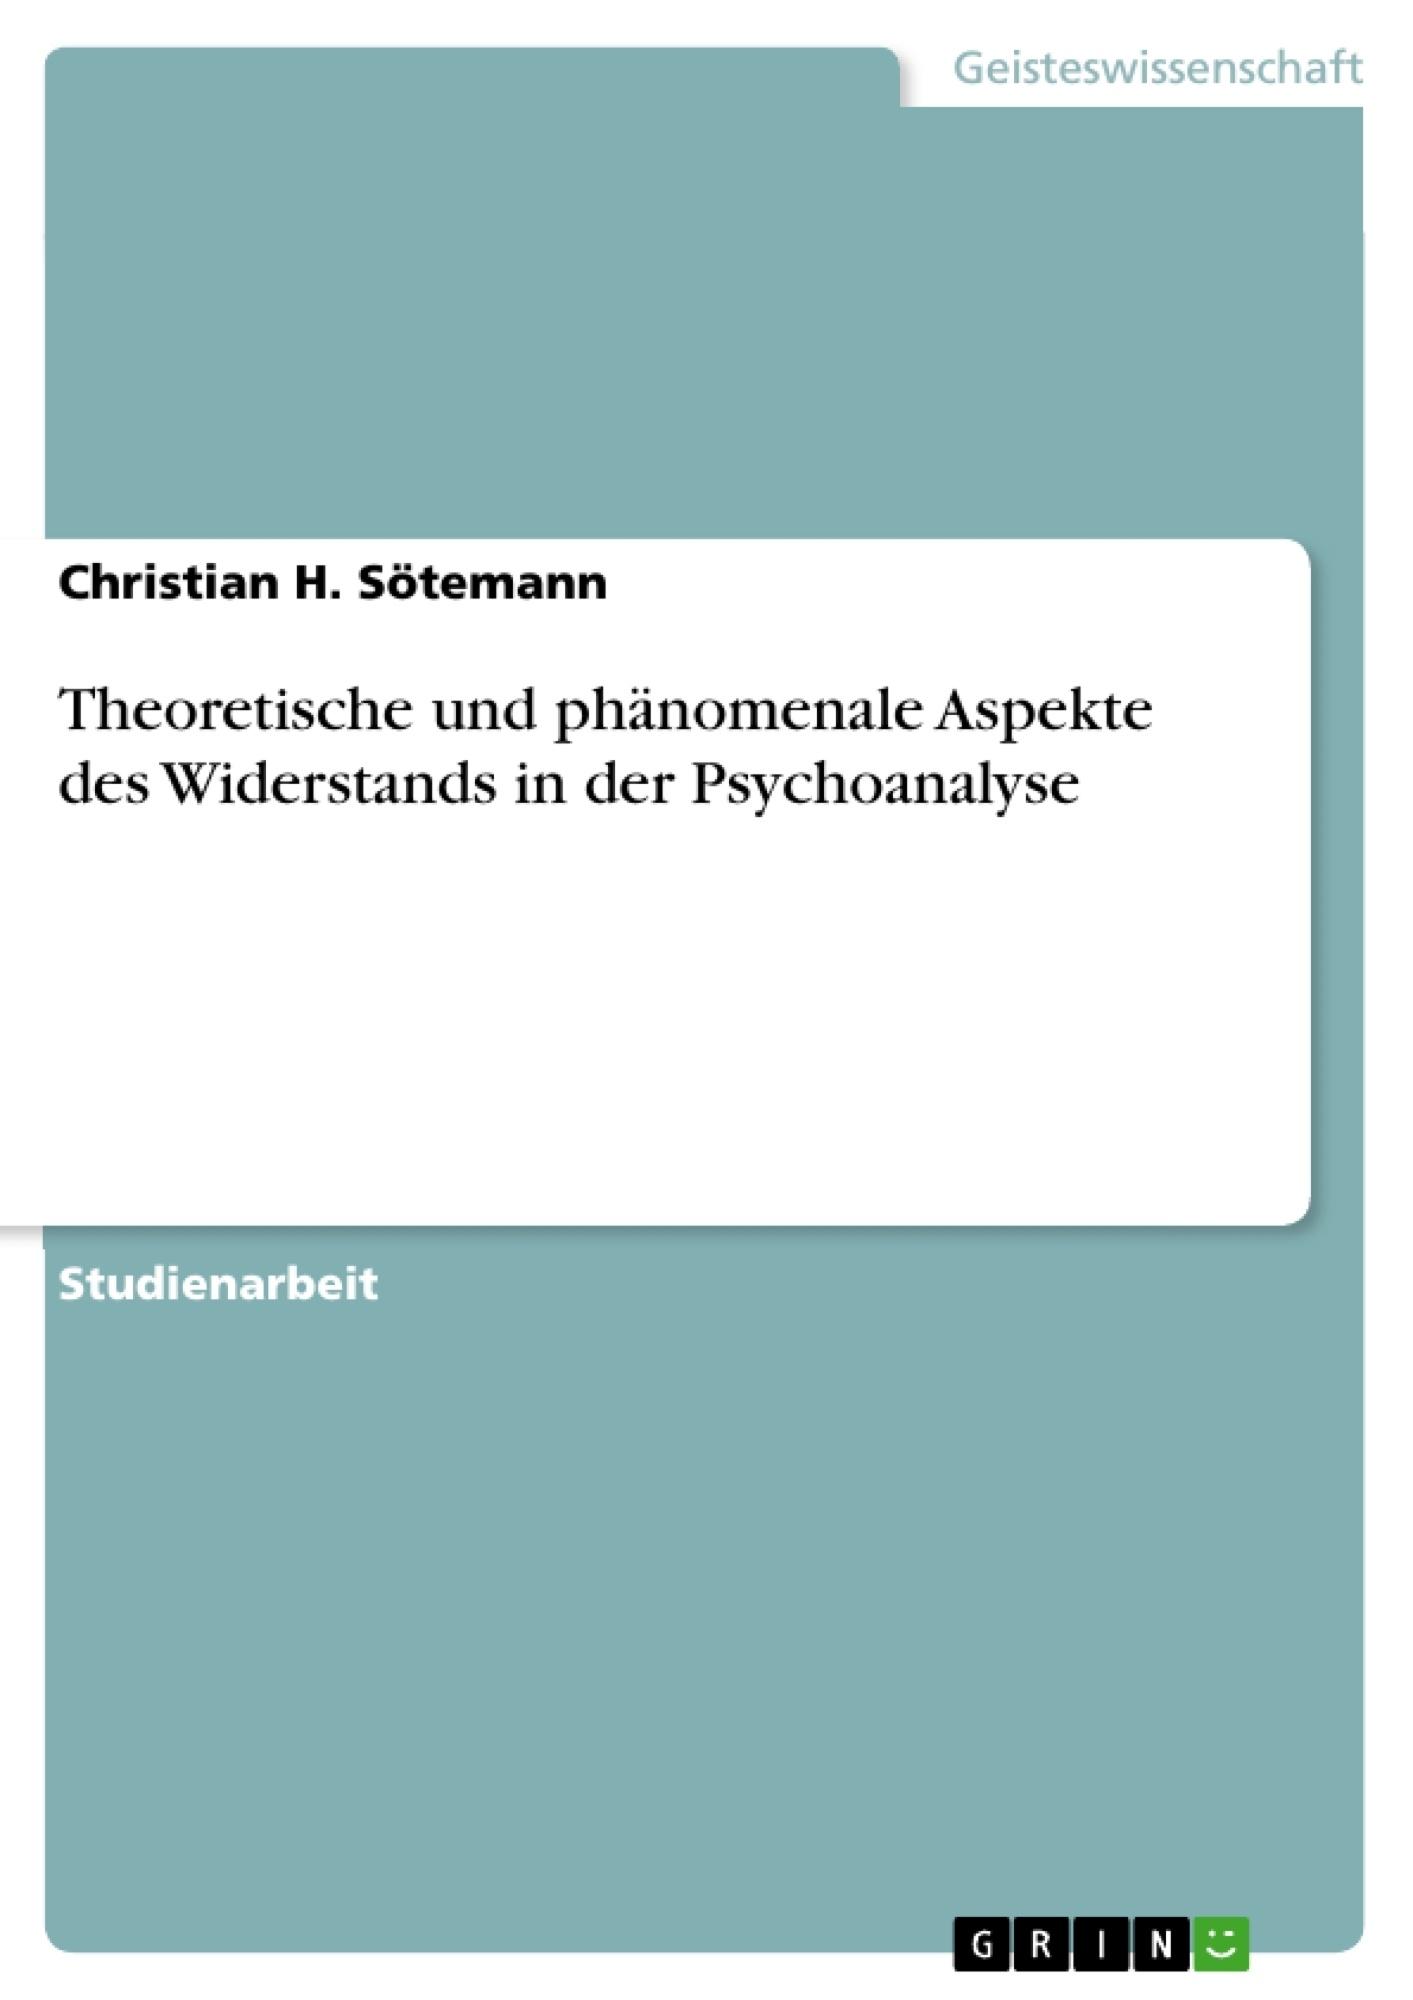 Titel: Theoretische und phänomenale Aspekte des Widerstands in der Psychoanalyse